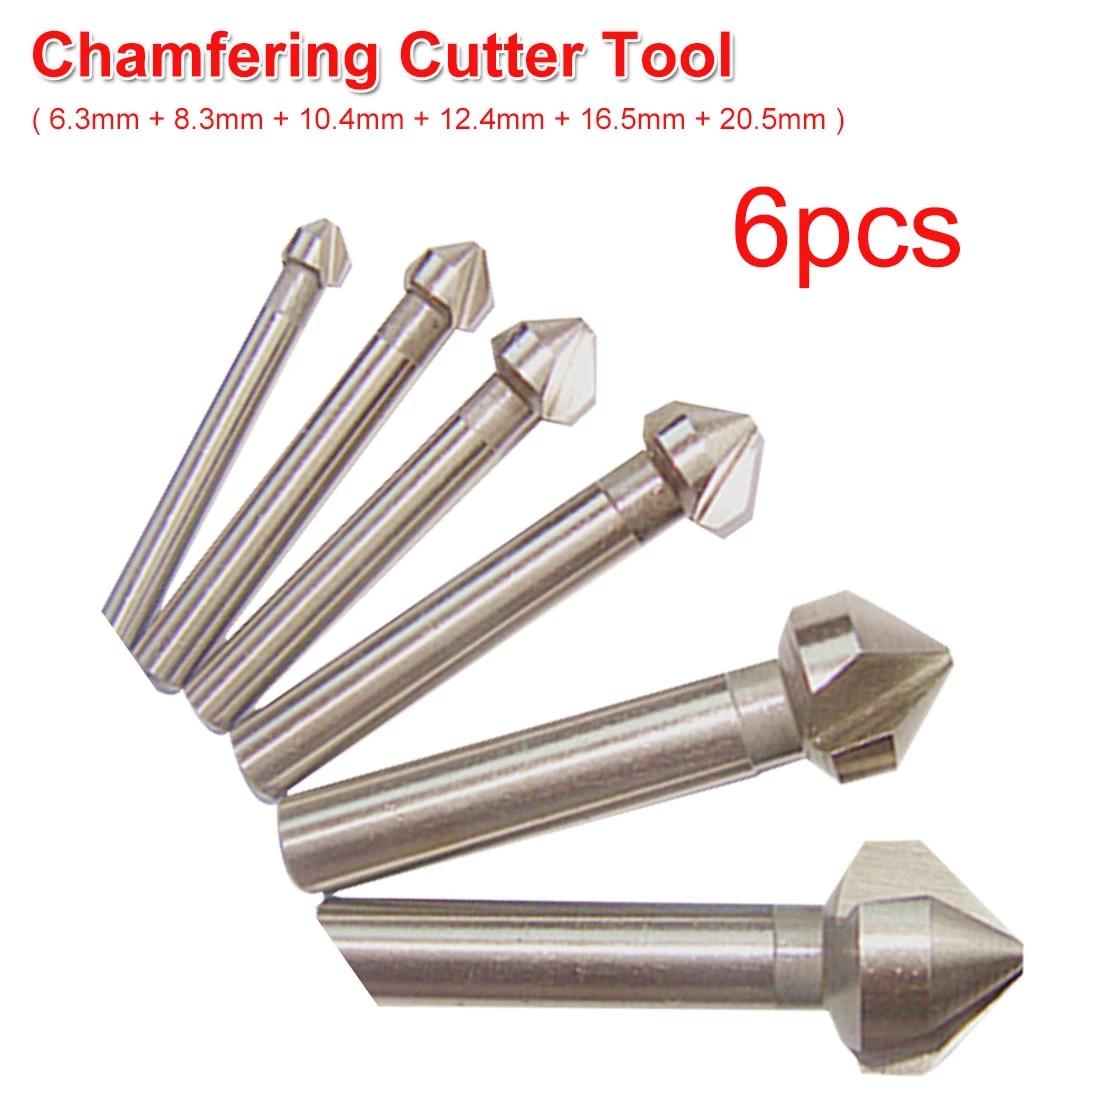 3 Flute 90° HSS Chamfering End Mill Cutter Bit Countersink Drill Bit 6pcs